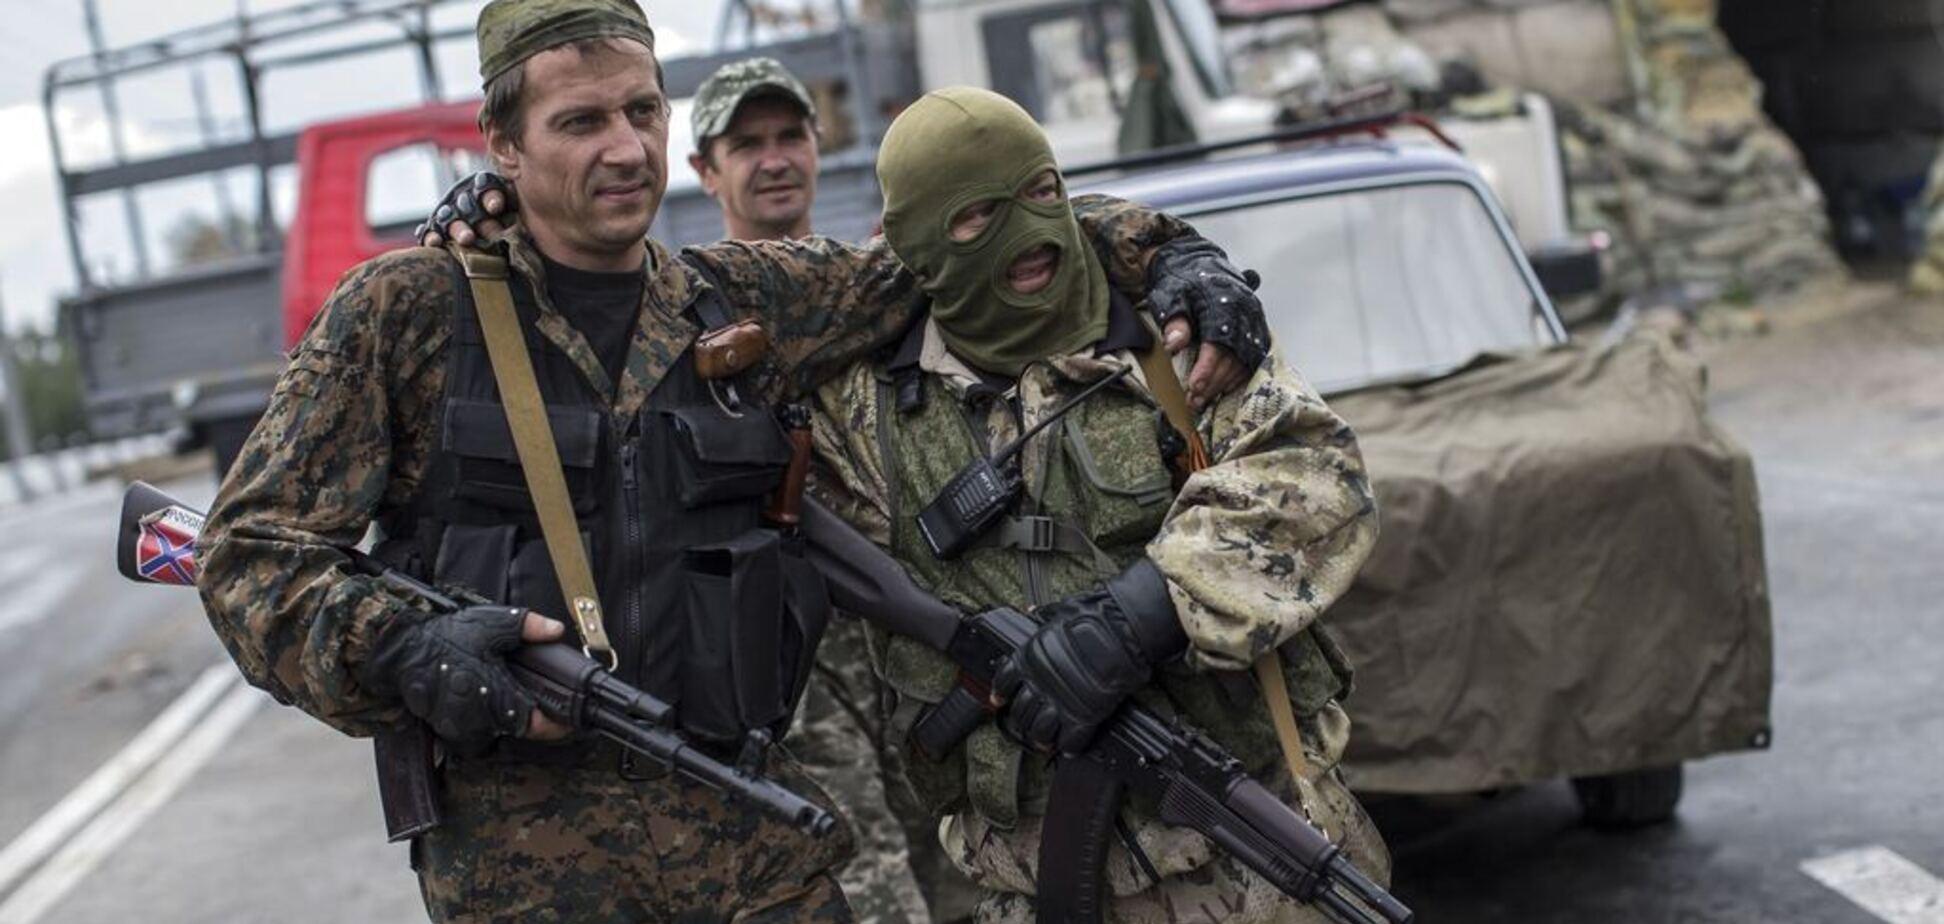 ВСУ жестко отбились от оккупантов: у 'Л/ДНР' потери